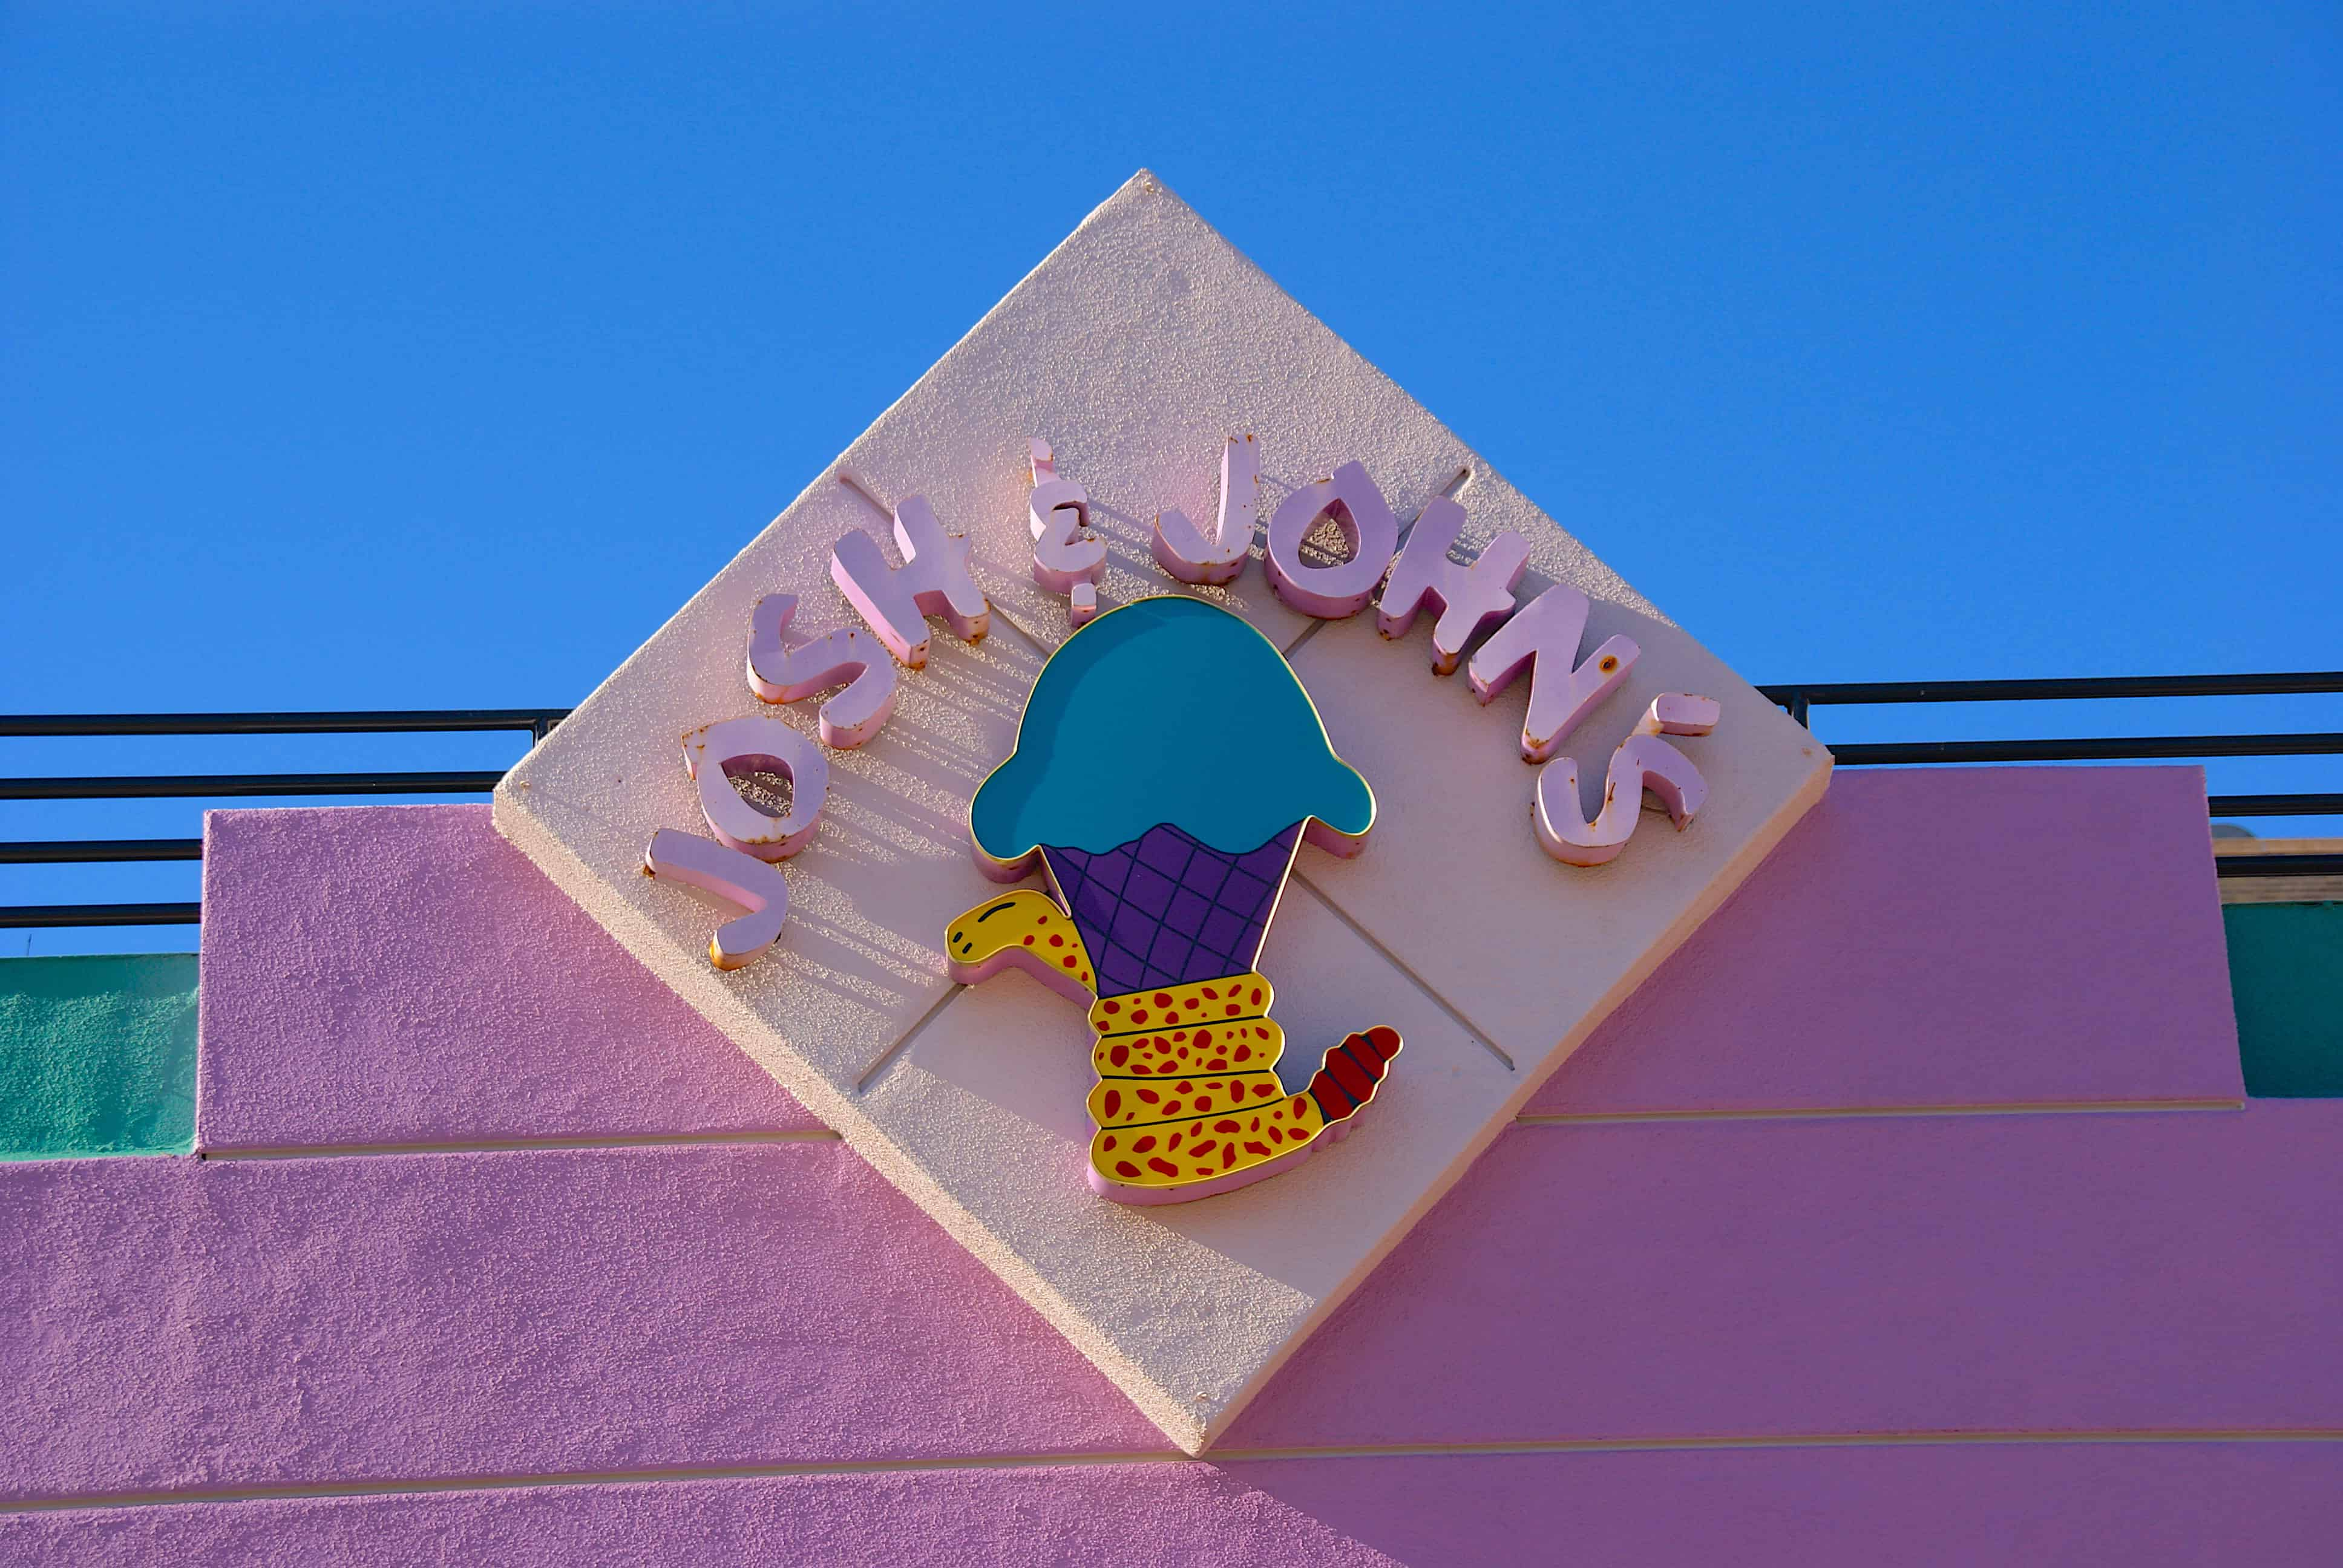 Josh-and-Johns-Ice-Cream Colorado Springs